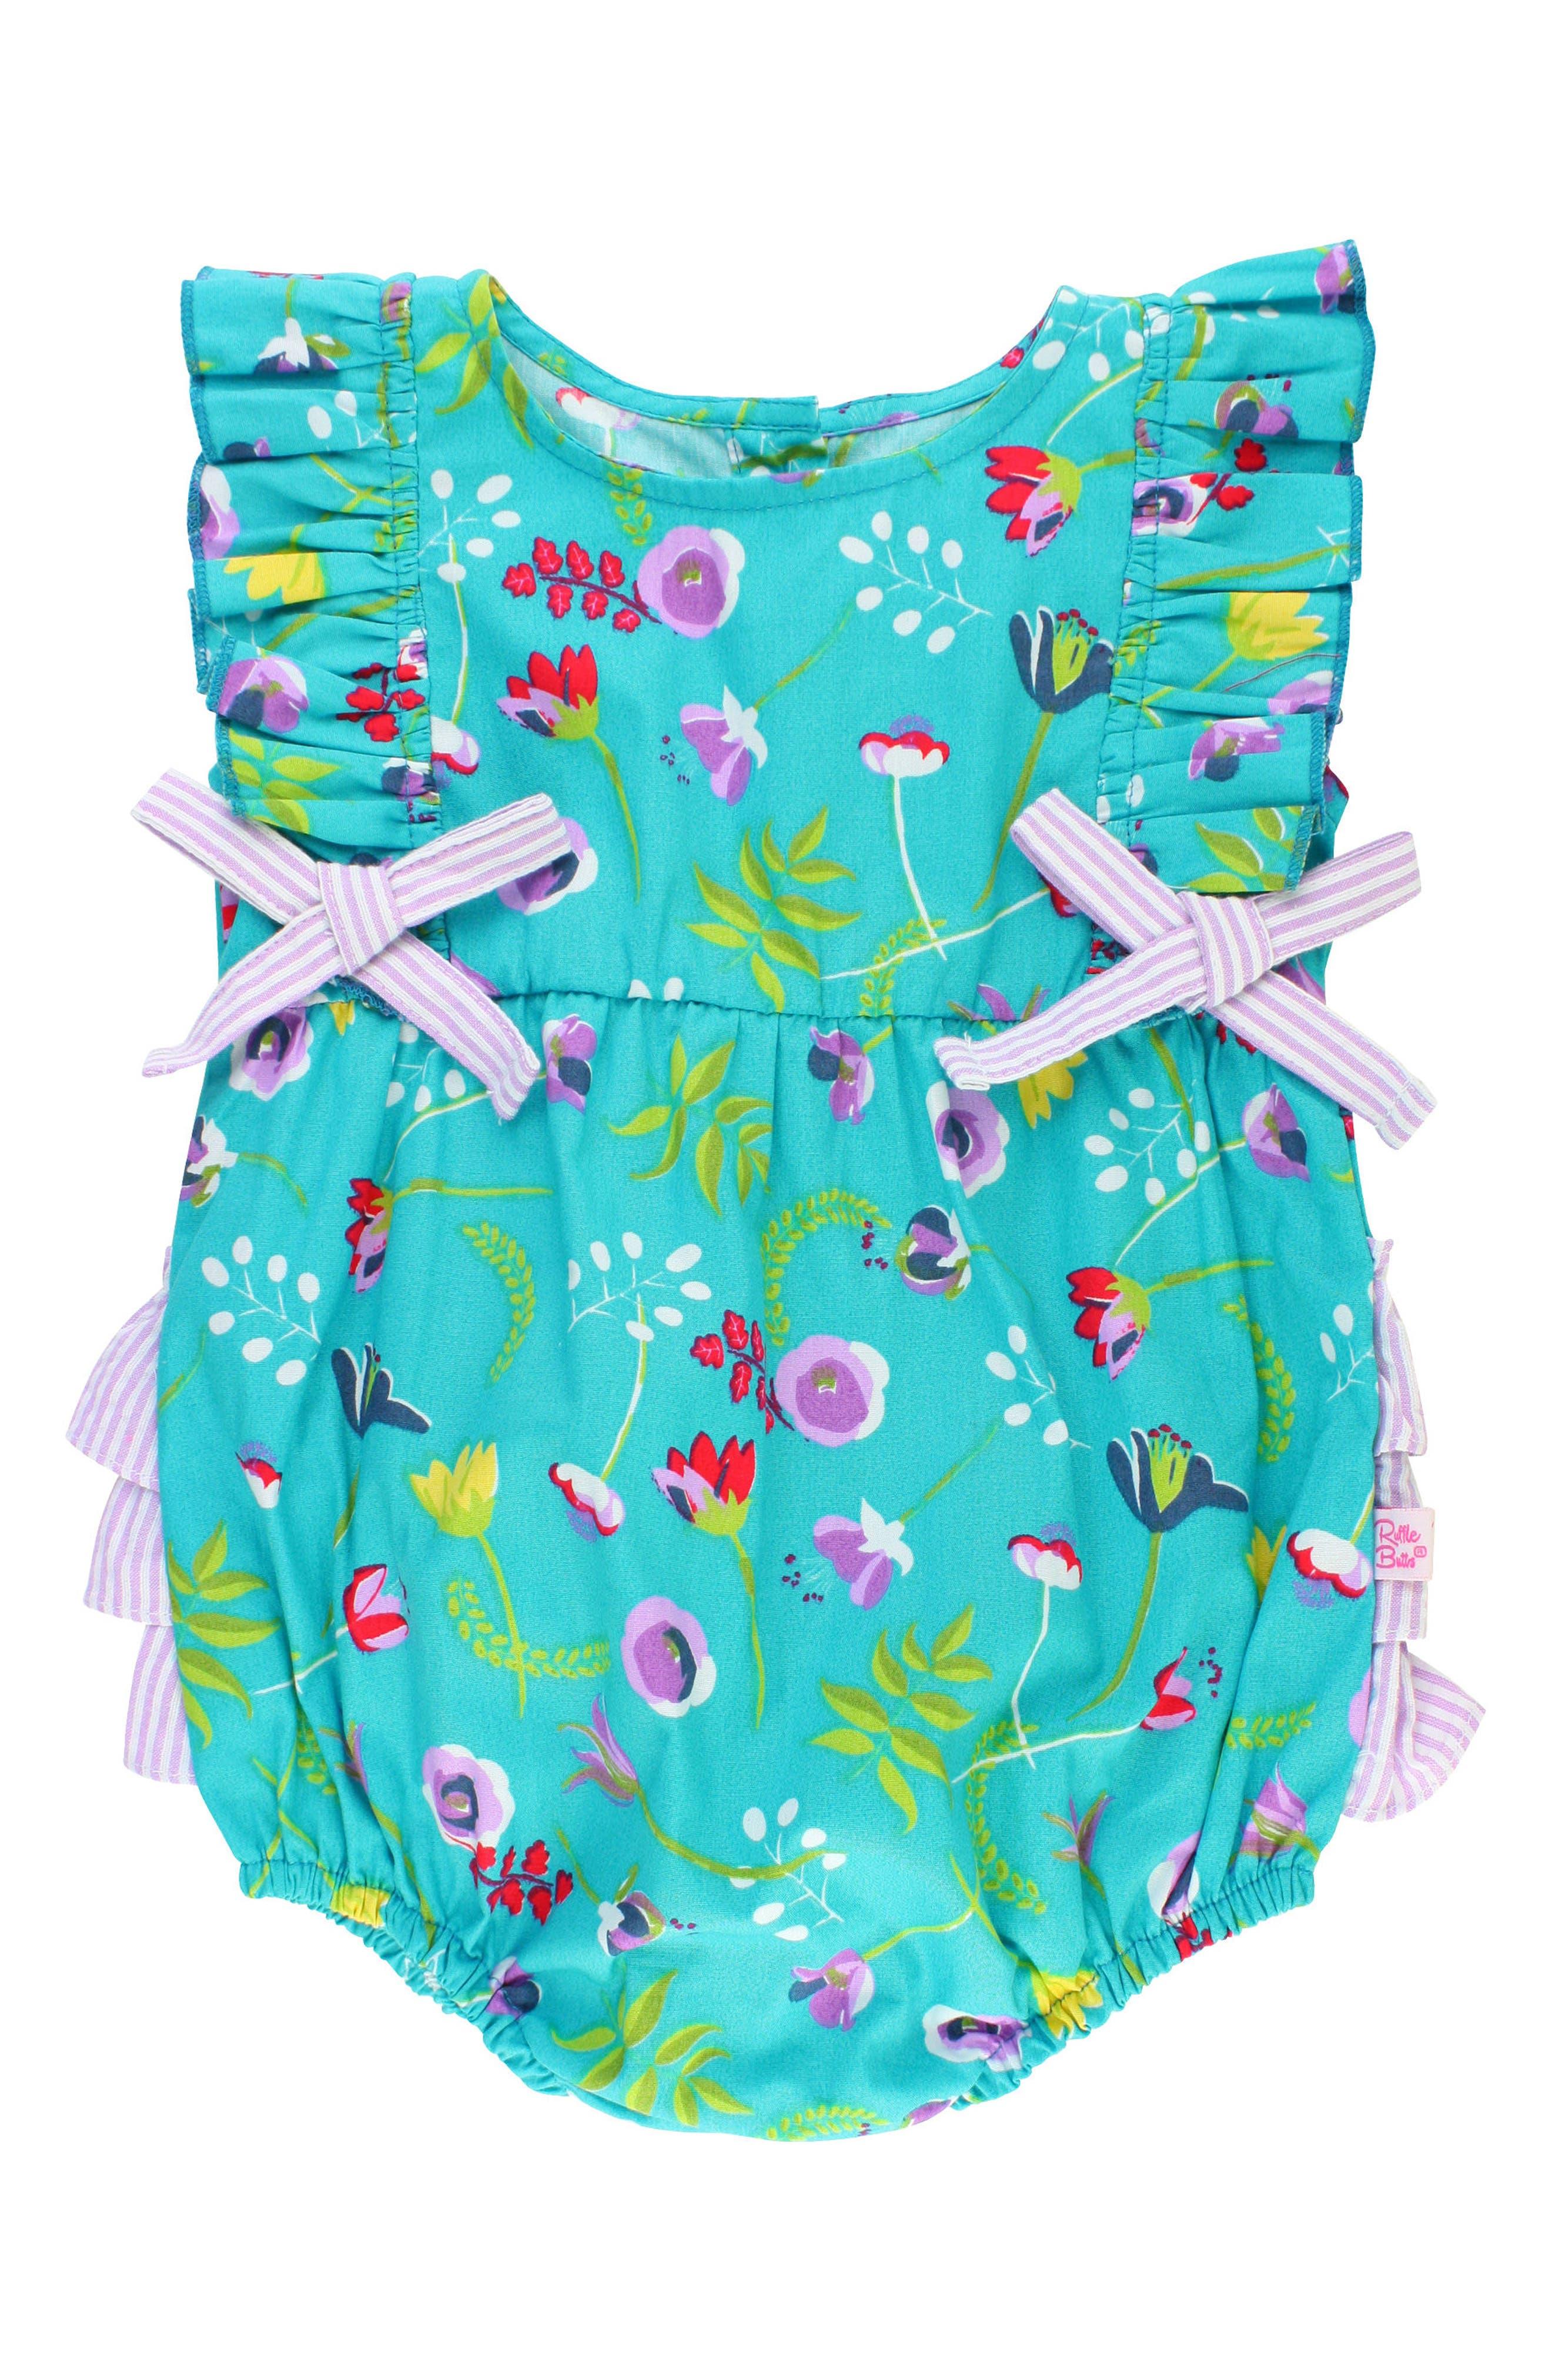 RuffleButts Sweet Meadow Ruffle Bubble Romper (Baby Girls)